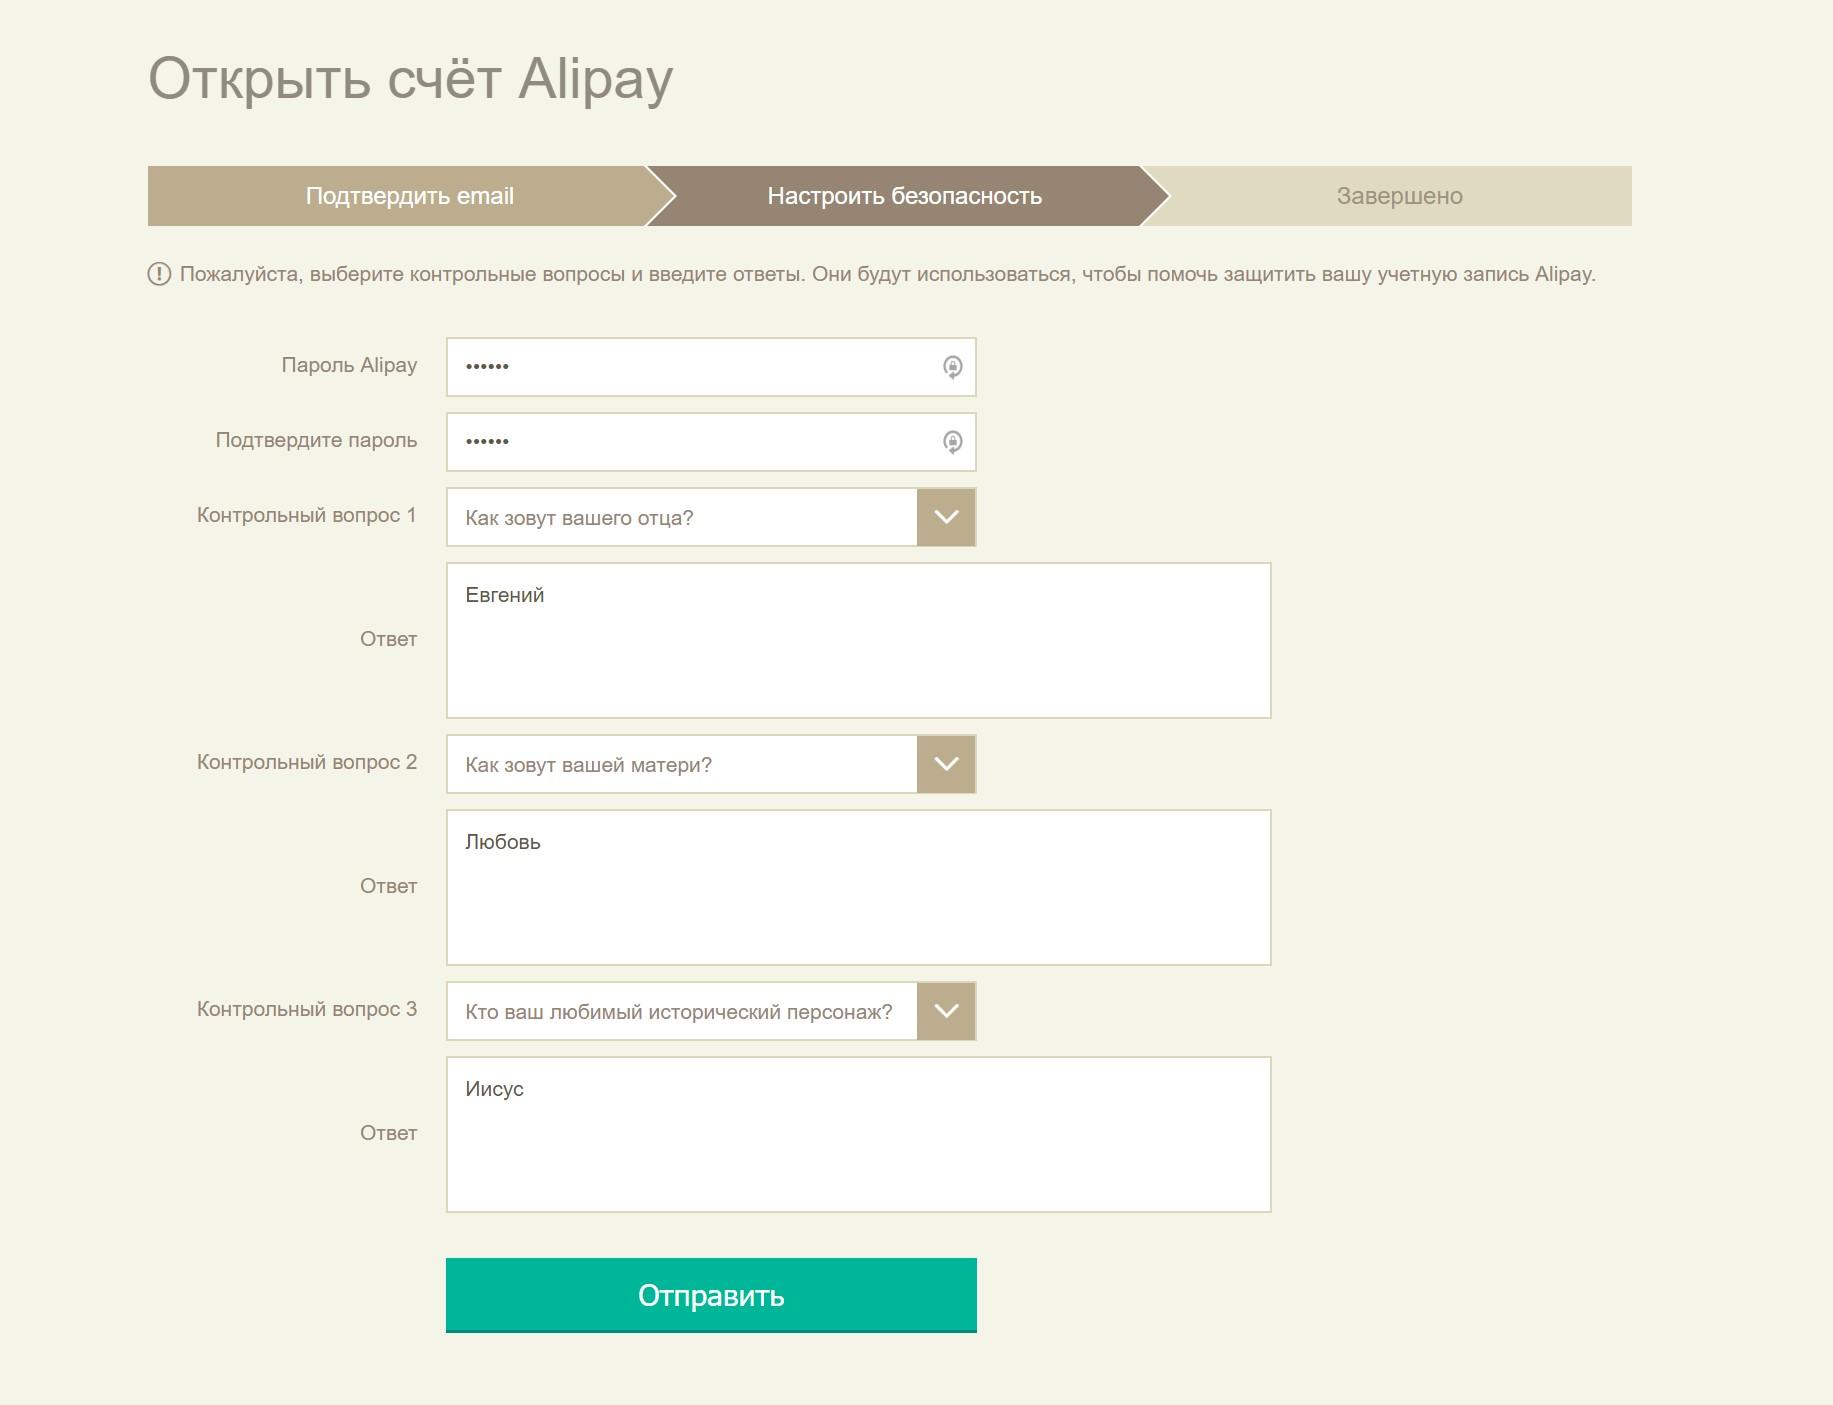 Пример заполнения анкеты для открытия счета (платежная система ali pay)